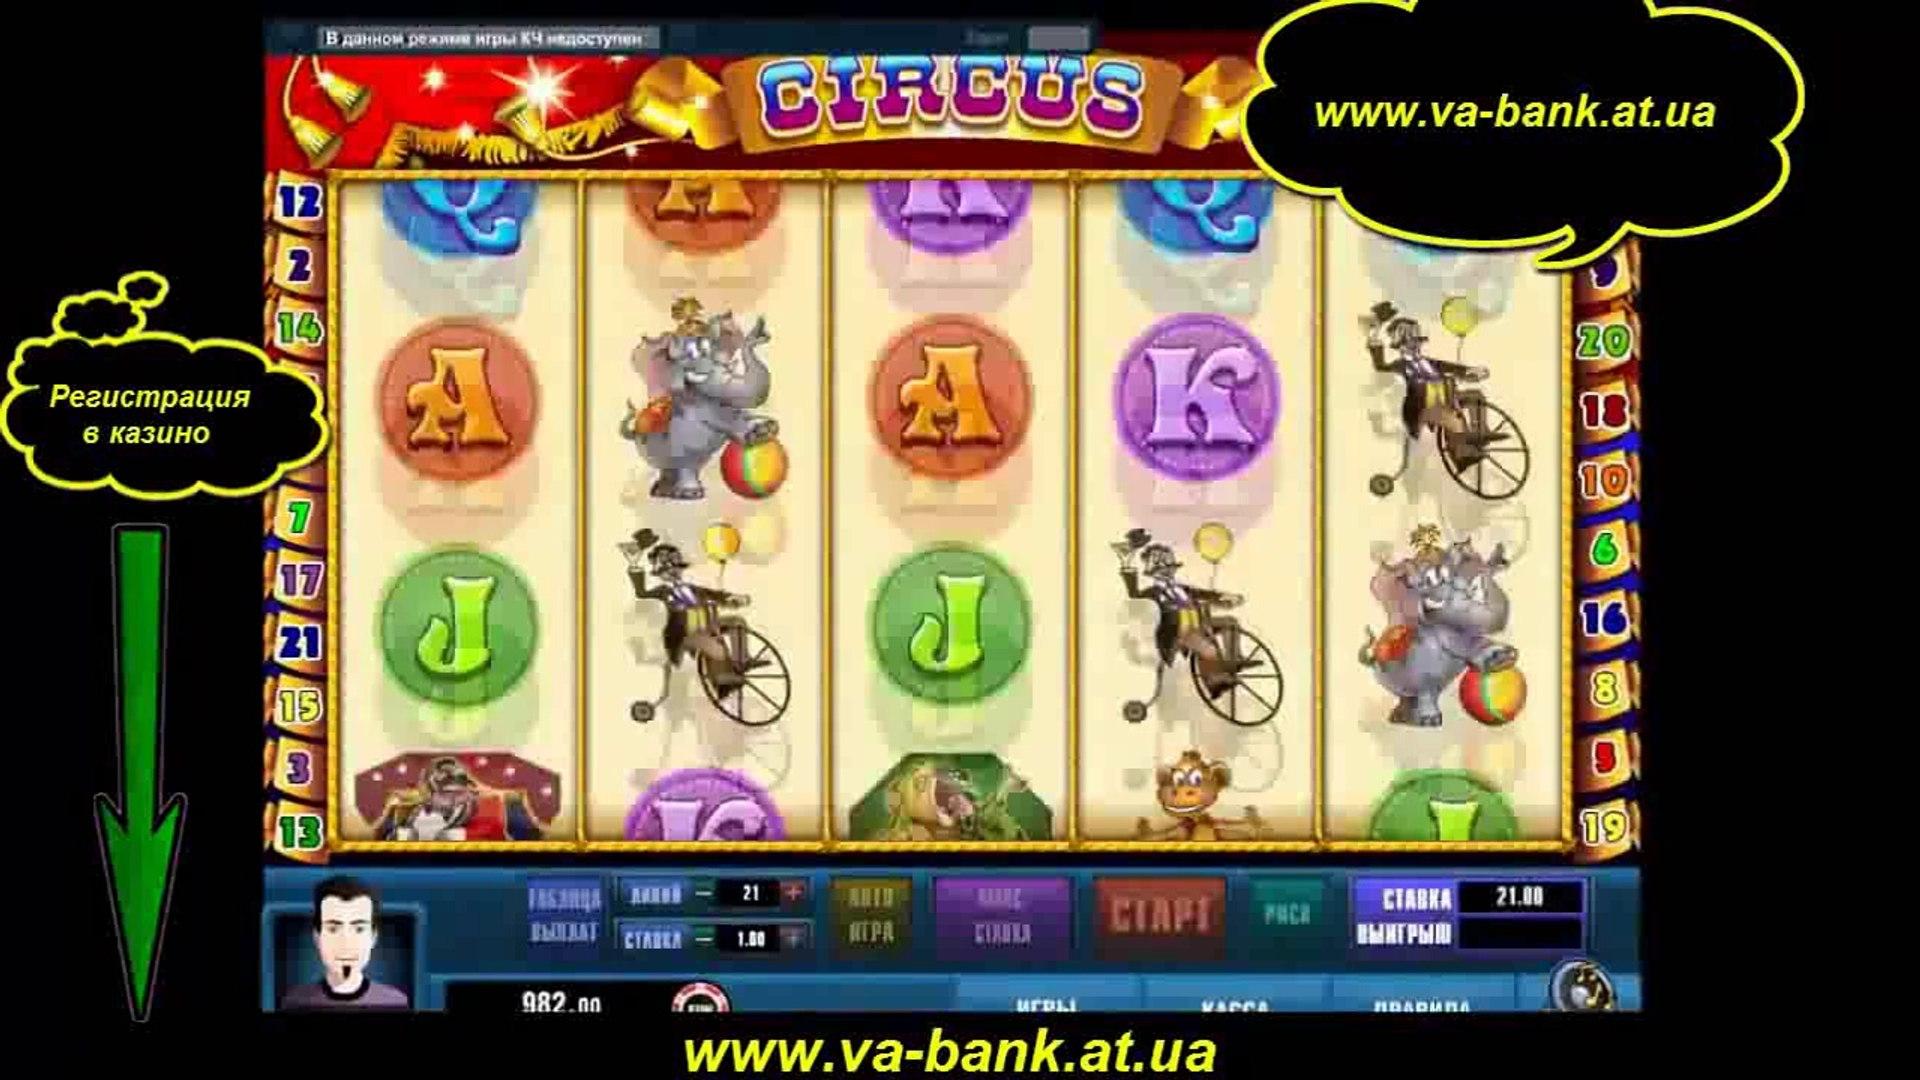 Vabank казино на реальные деньги бесплатно скачать игровыеавтоматы